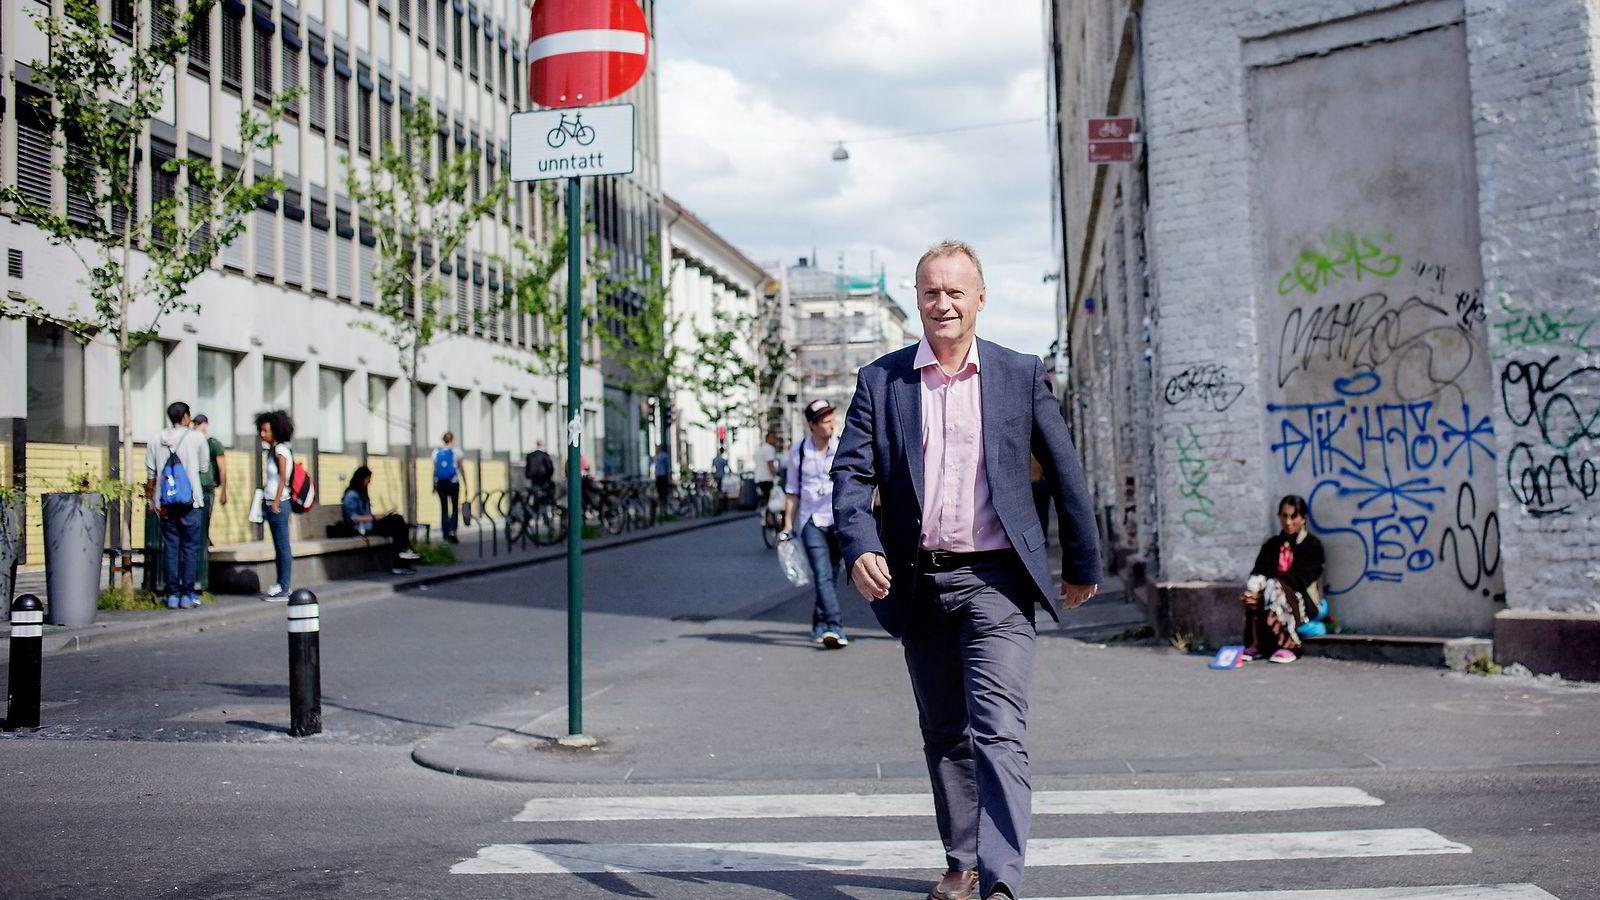 Byrådslederkandidat Raymond Johansen (Ap) står i fare for å ha gått til valg på et forslag til eiendomsskatt som er i strid med loven. Foto: